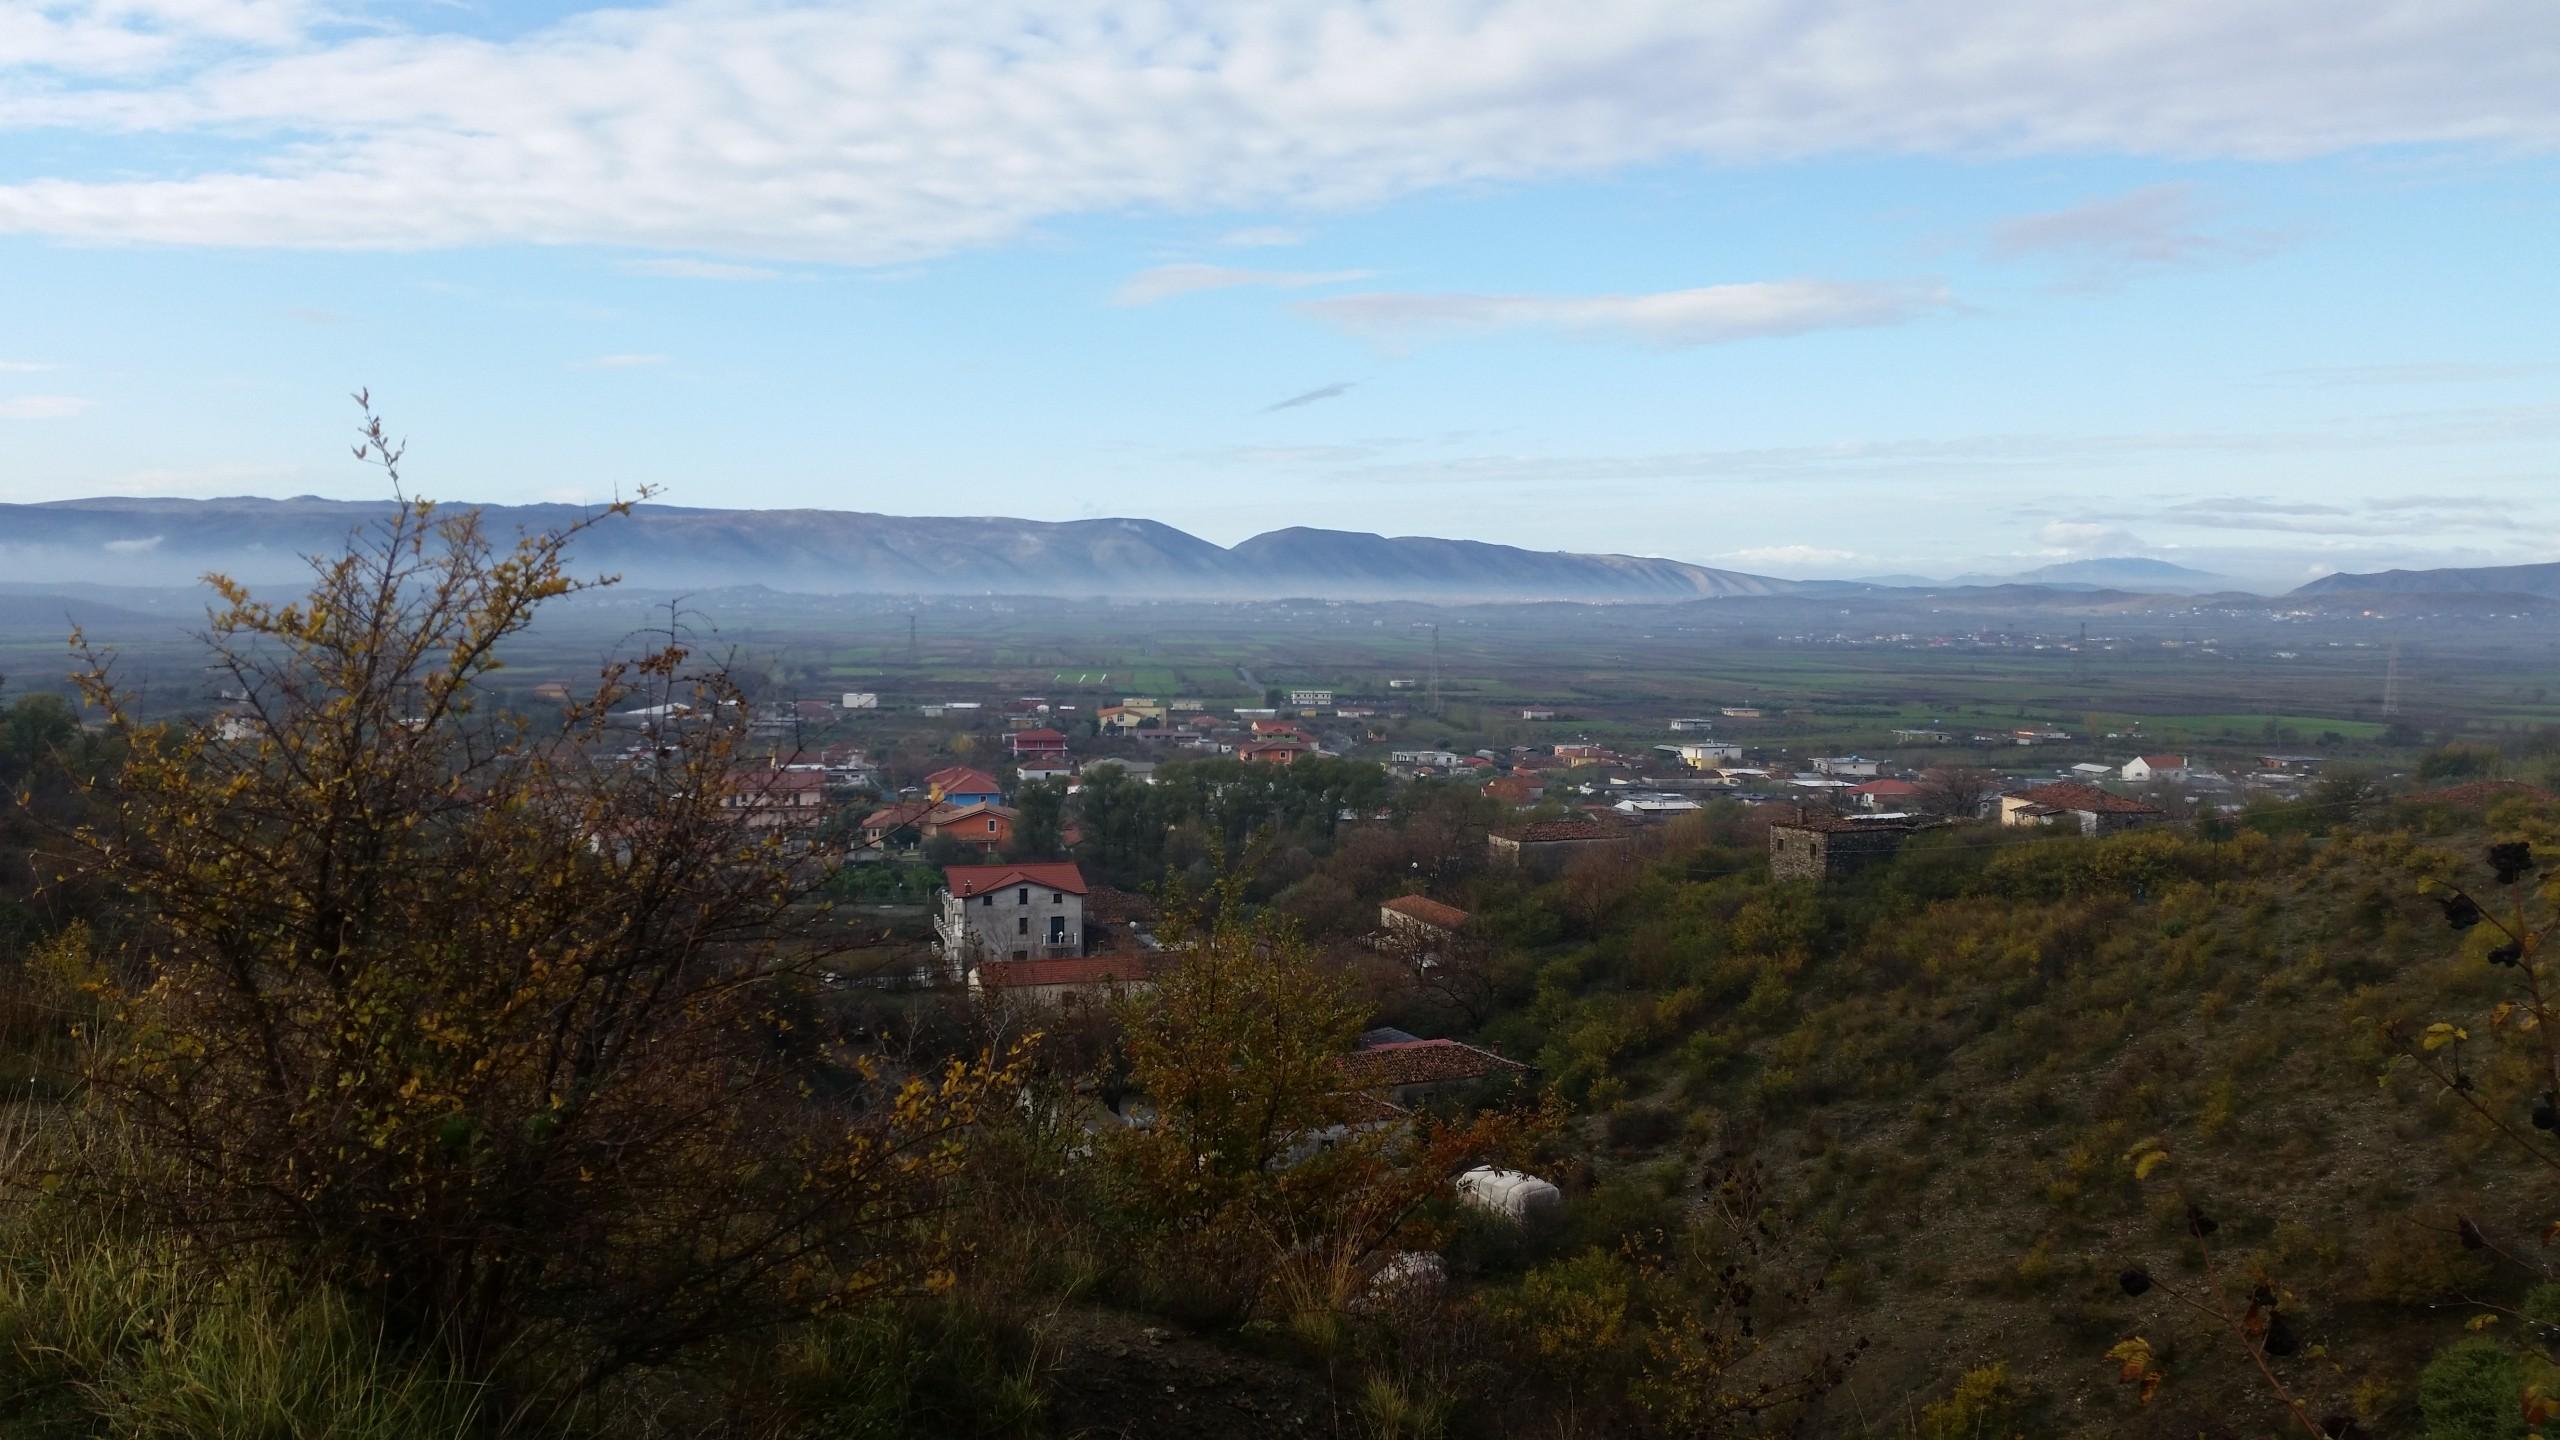 Albania_Nenshat_comunità terapeutica_un ultimo sguardo